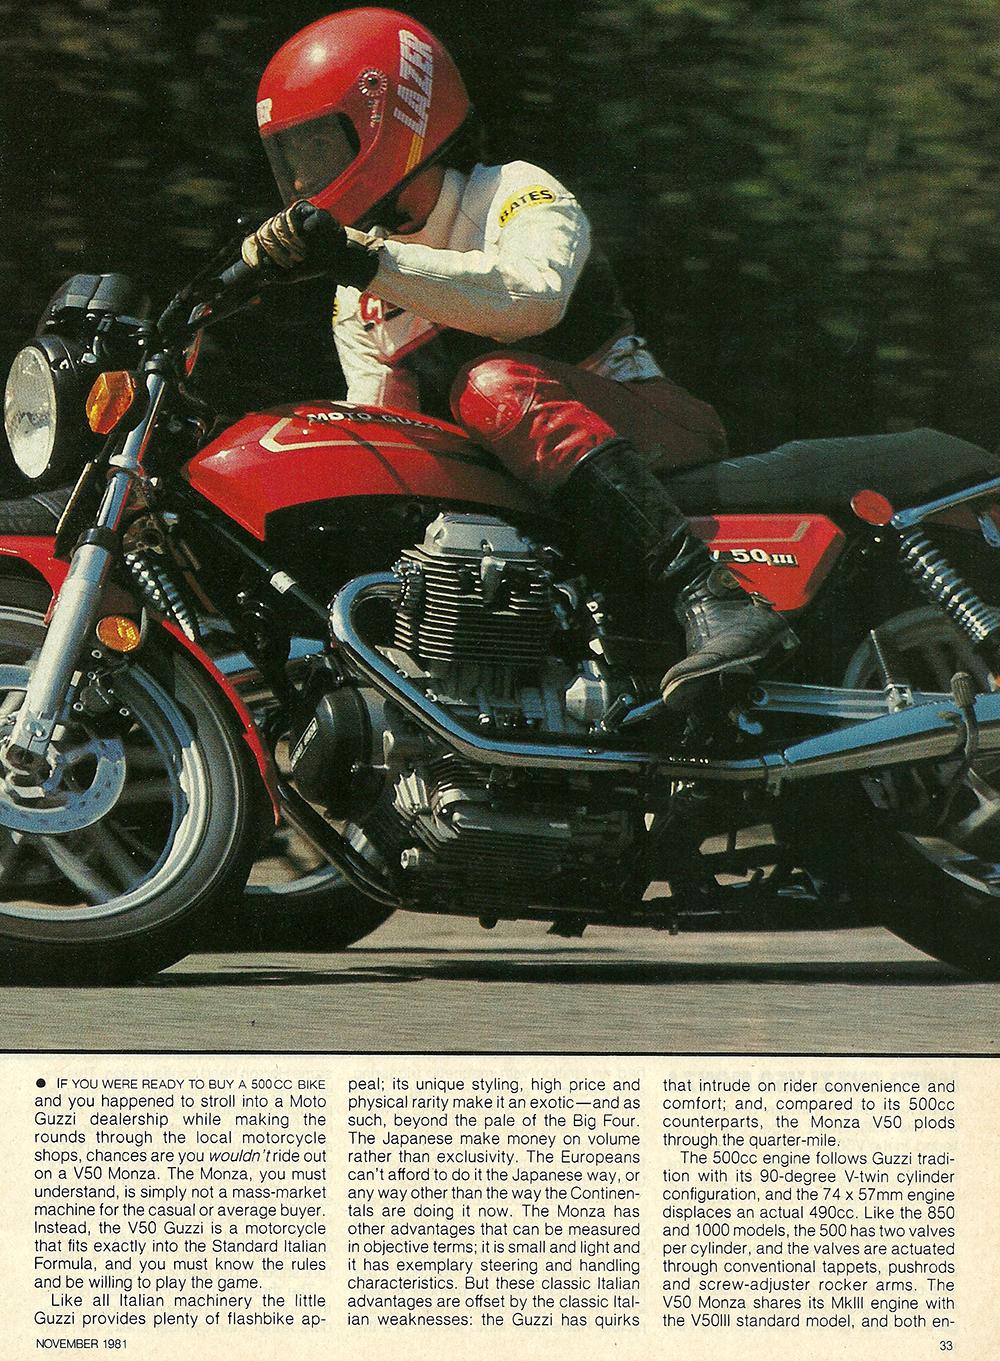 1981 Moto Guzzi V50 Monza road test 02.jpg